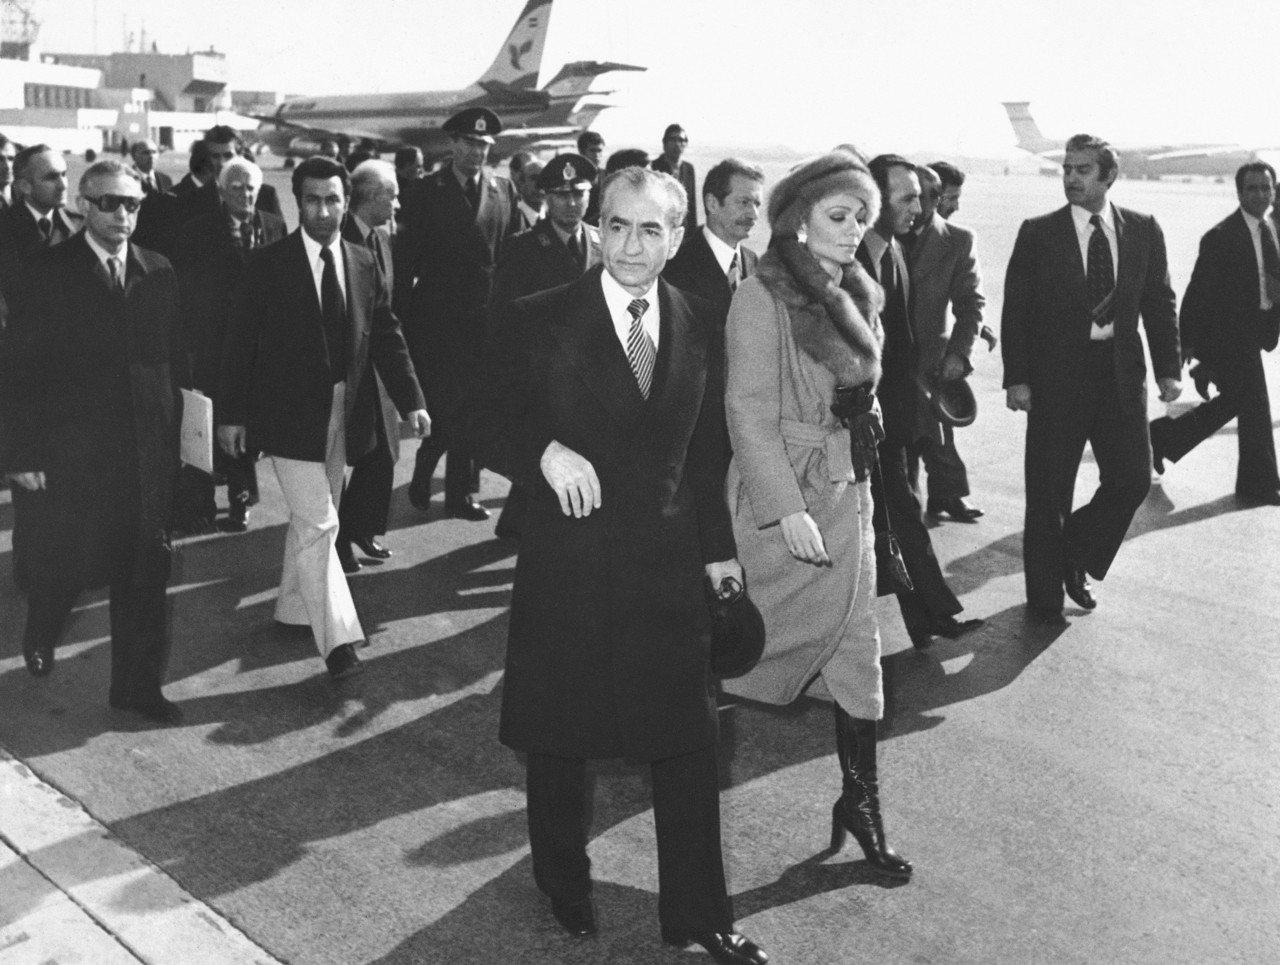 1979年1月16日,伊朗國王巴勒維與王后法拉赫在德黑蘭搭機流亡。(美聯社)